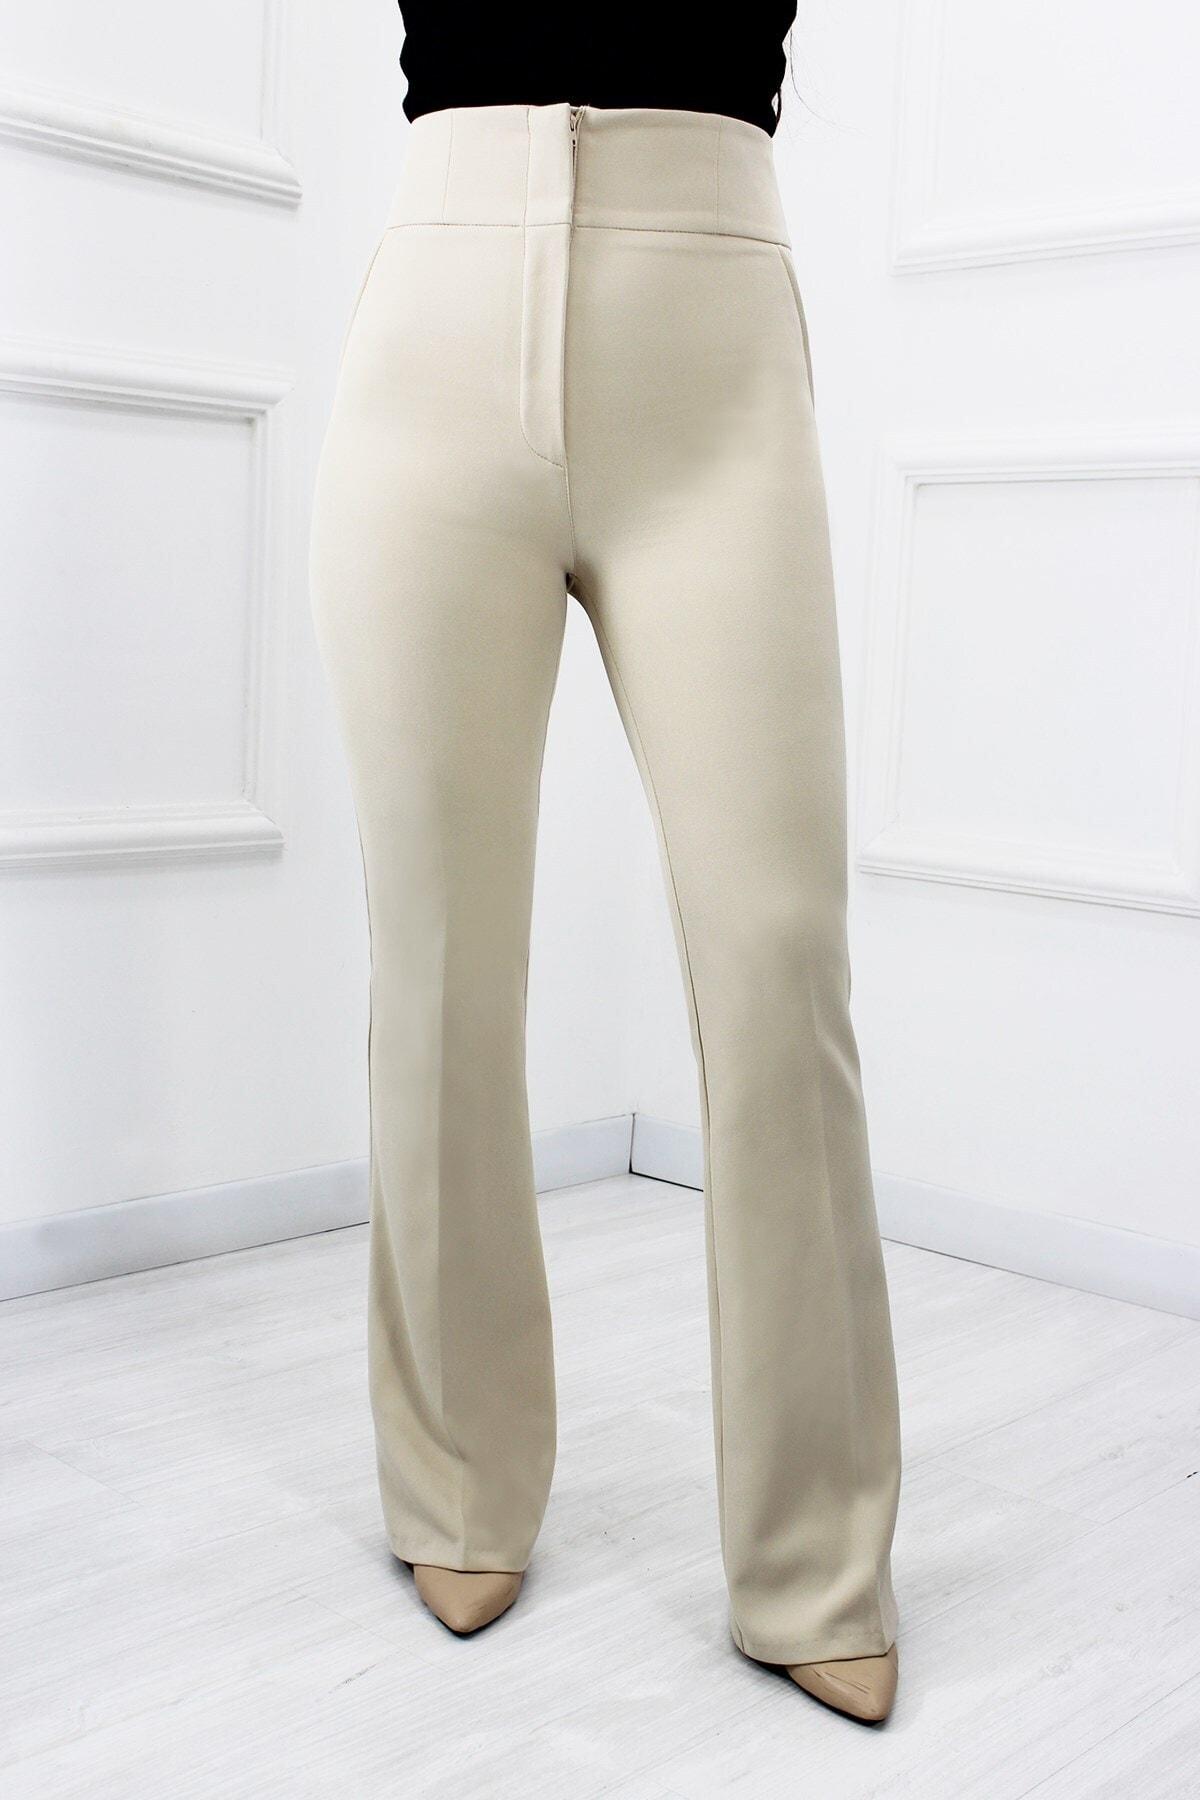 UGİMPOL Kadın Bej Yüksek Bel İspanyol Pantolon 1